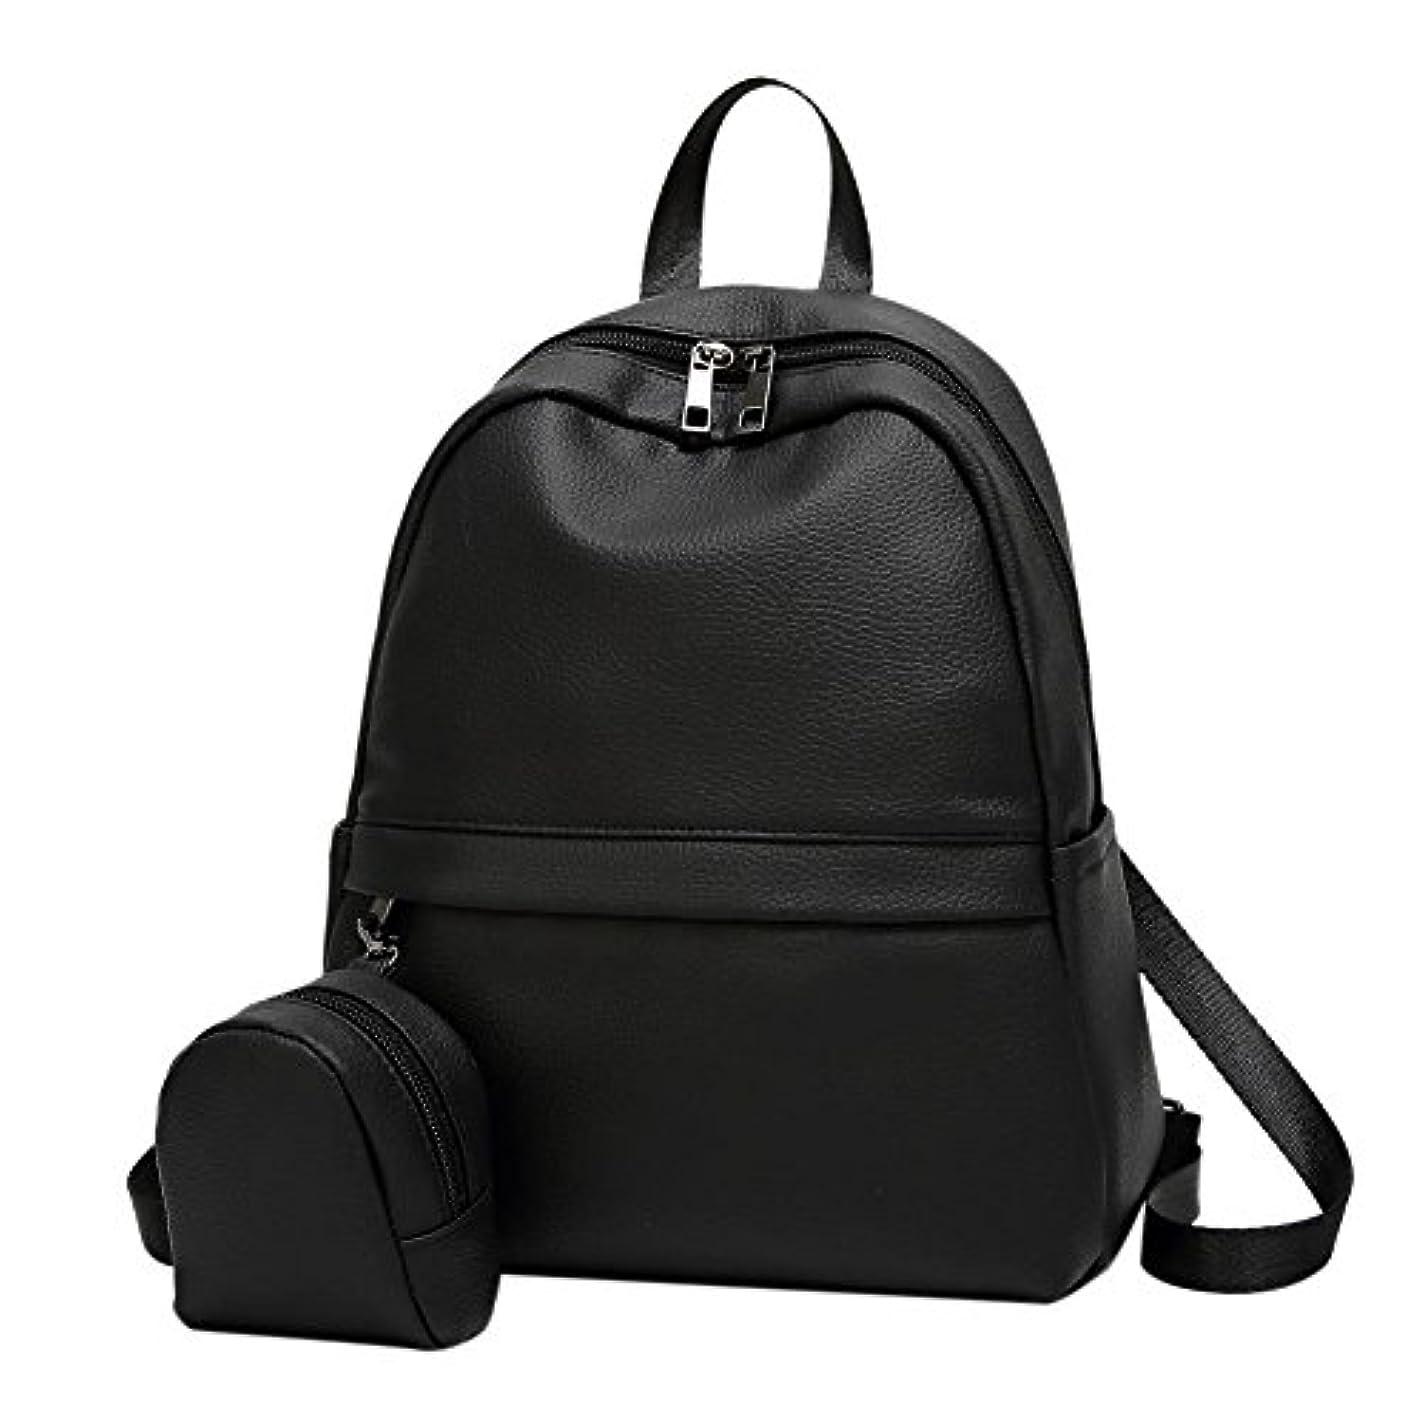 とにかく顔料に話すリュック レディース レザー リュックサック 手提げバッグ ショルダーバッグ 防水 大容量 女性用 通学 通勤 2点セット